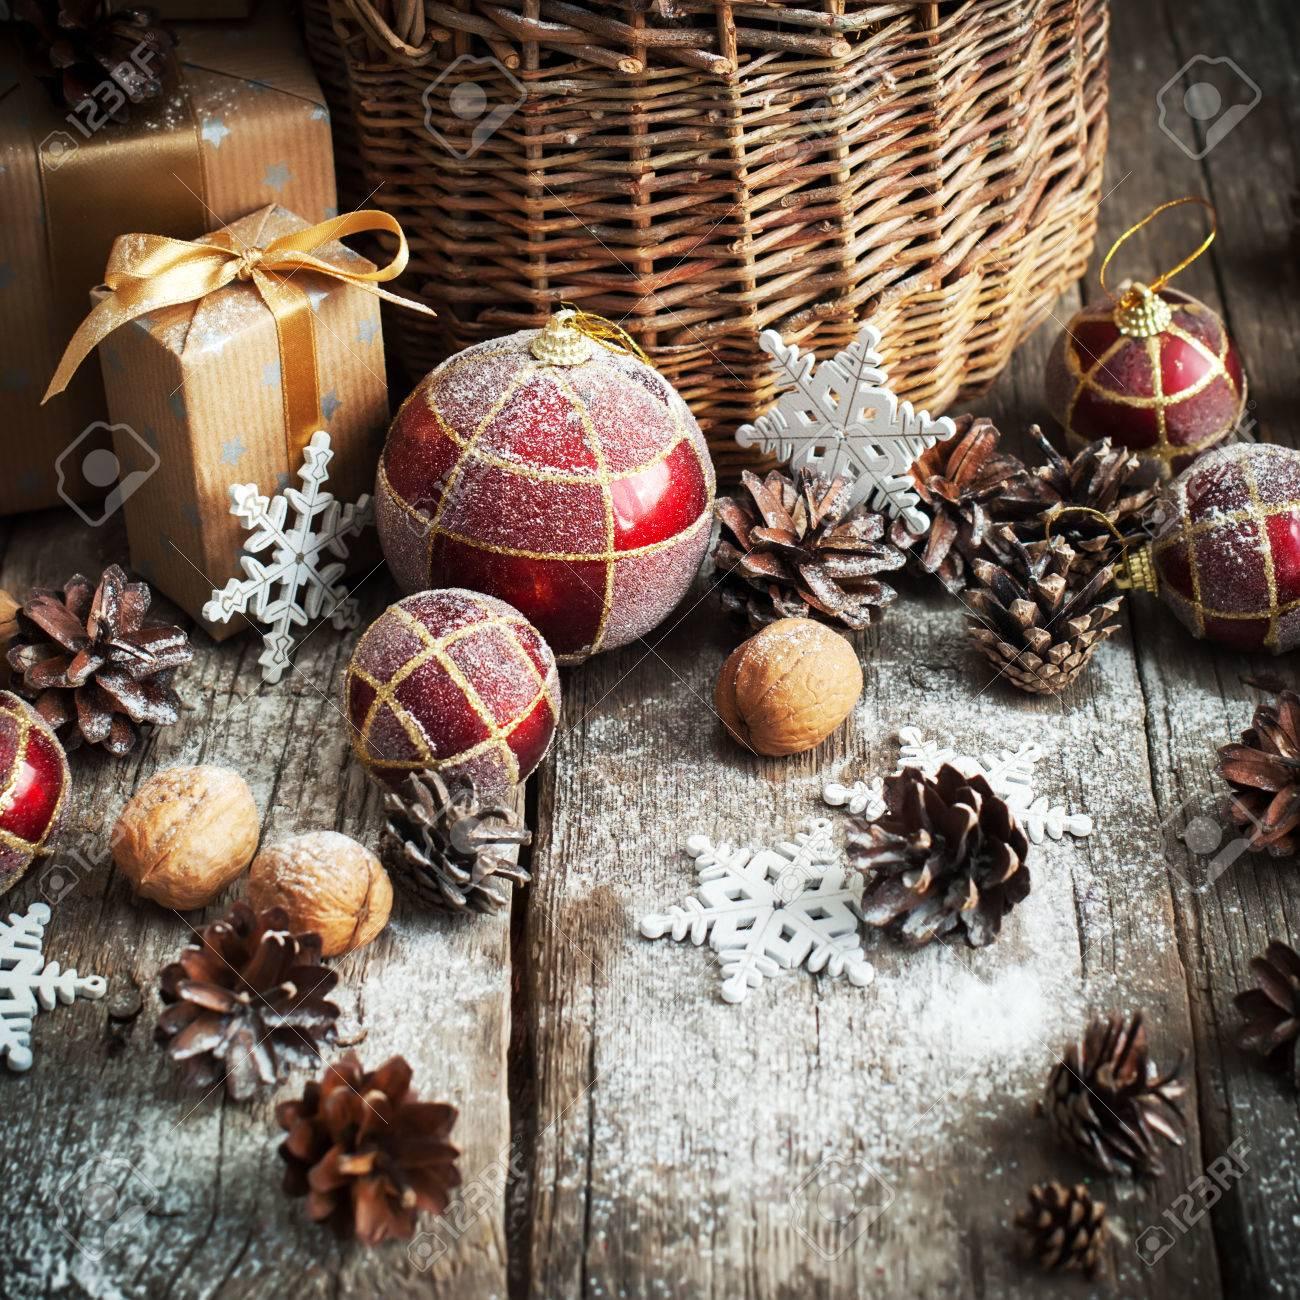 Natürliche Weihnachtsgeschenke Im Landhausstil Mit Korb Rot, Kugeln ...